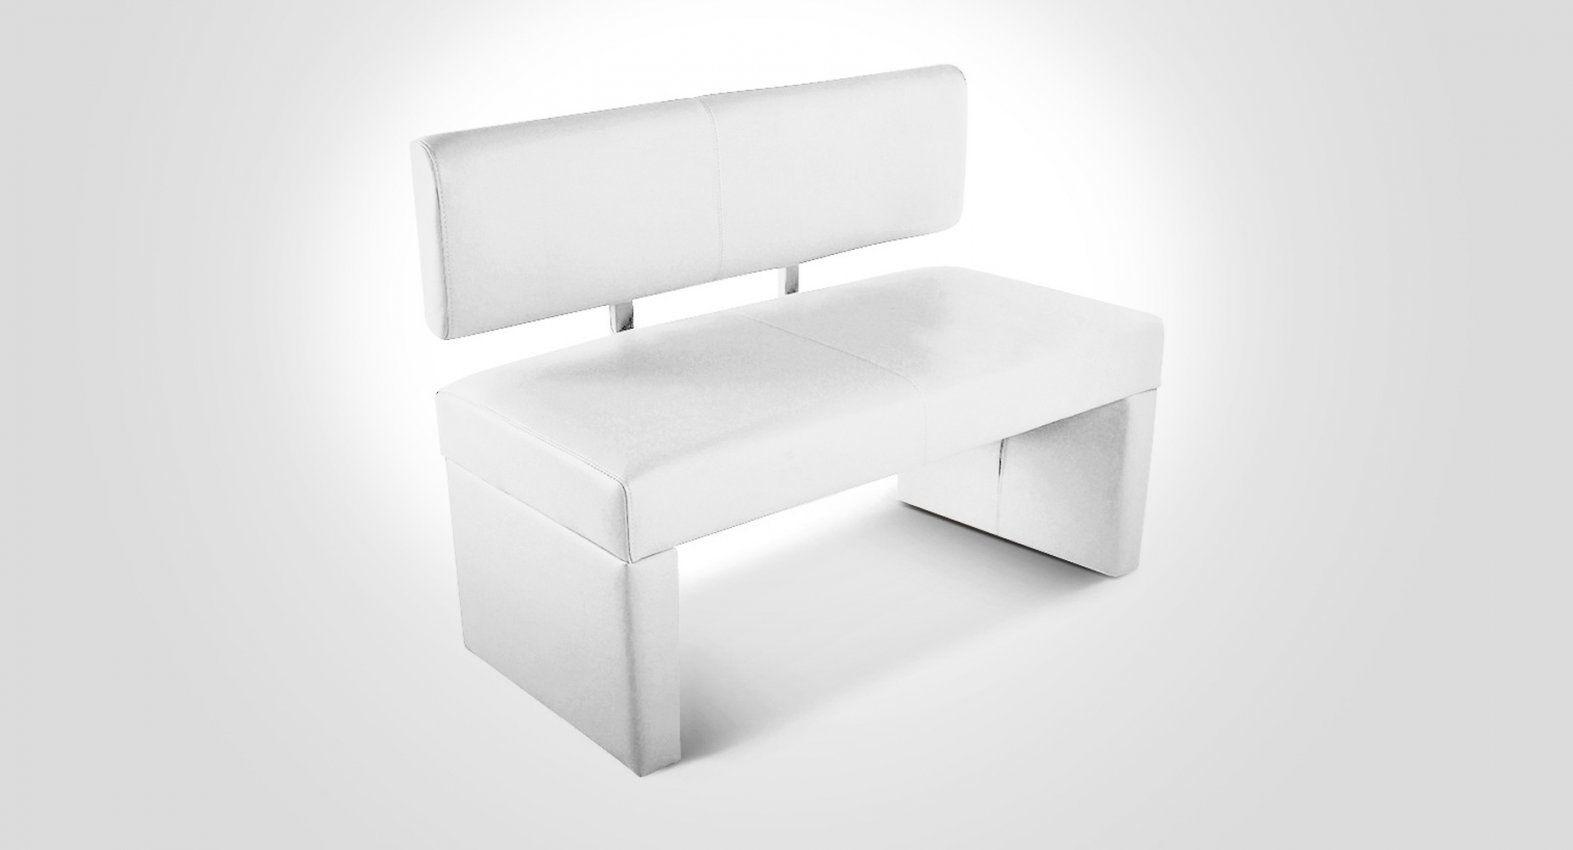 Echtleder Sitzbank 100 Cm Mit Rückenlehne In Weiß Strozzi von Sitzbank Mit Lehne 100 Cm Photo